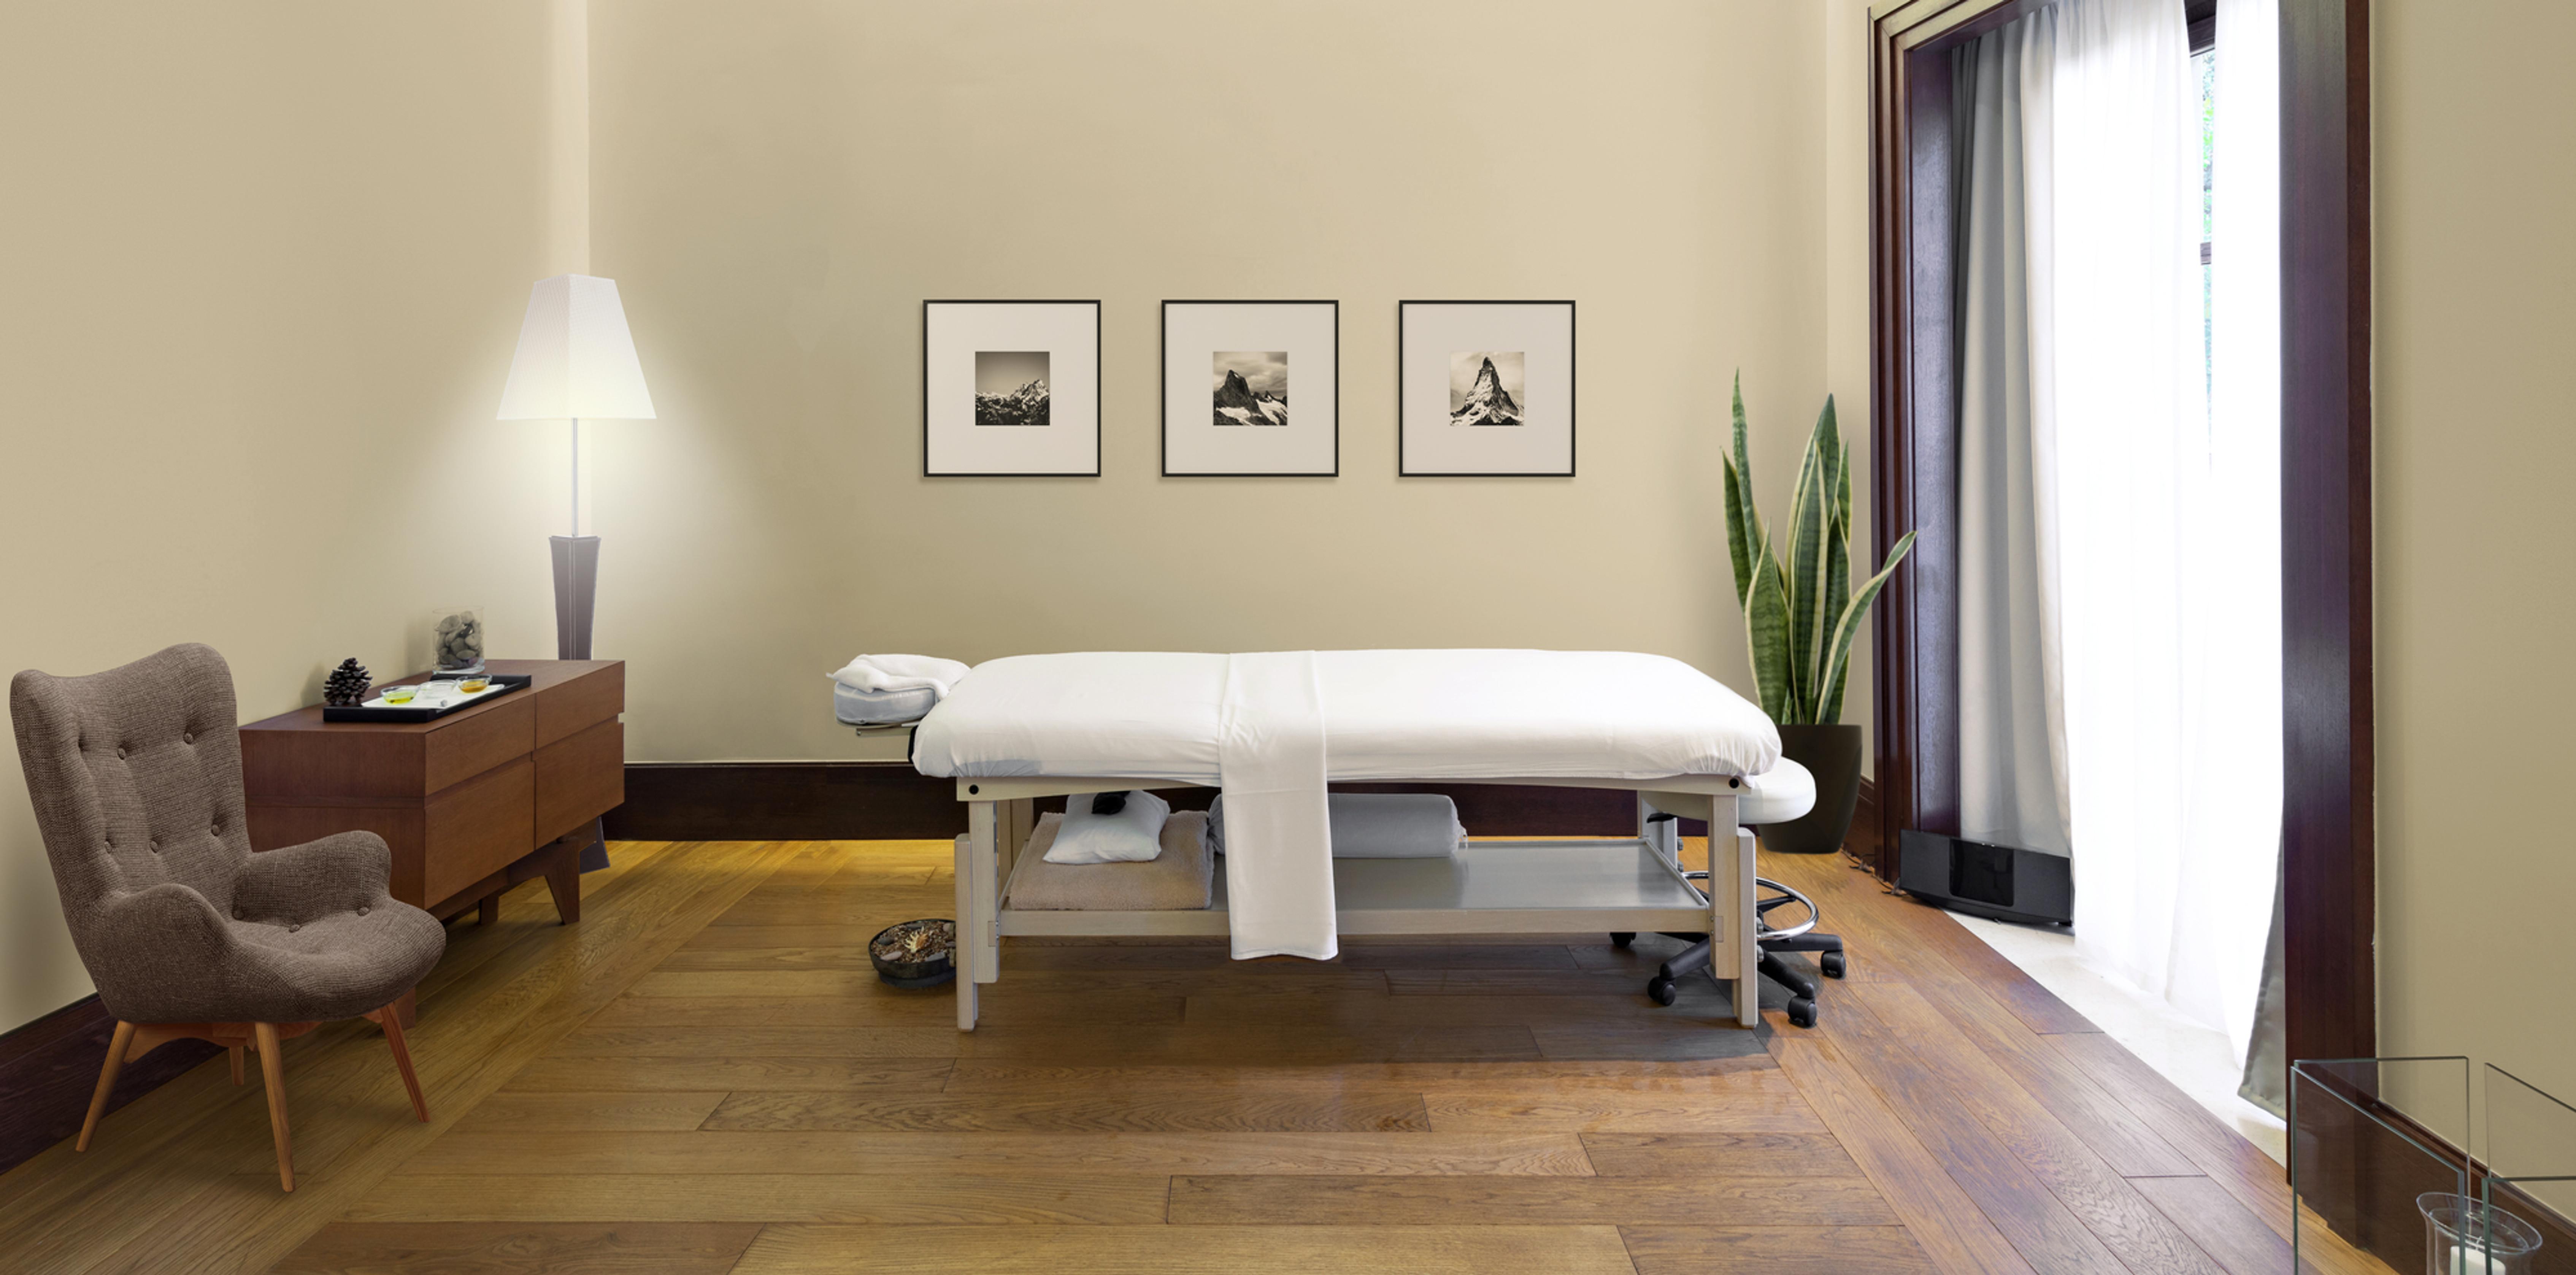 Behandlung 60min I Zürich